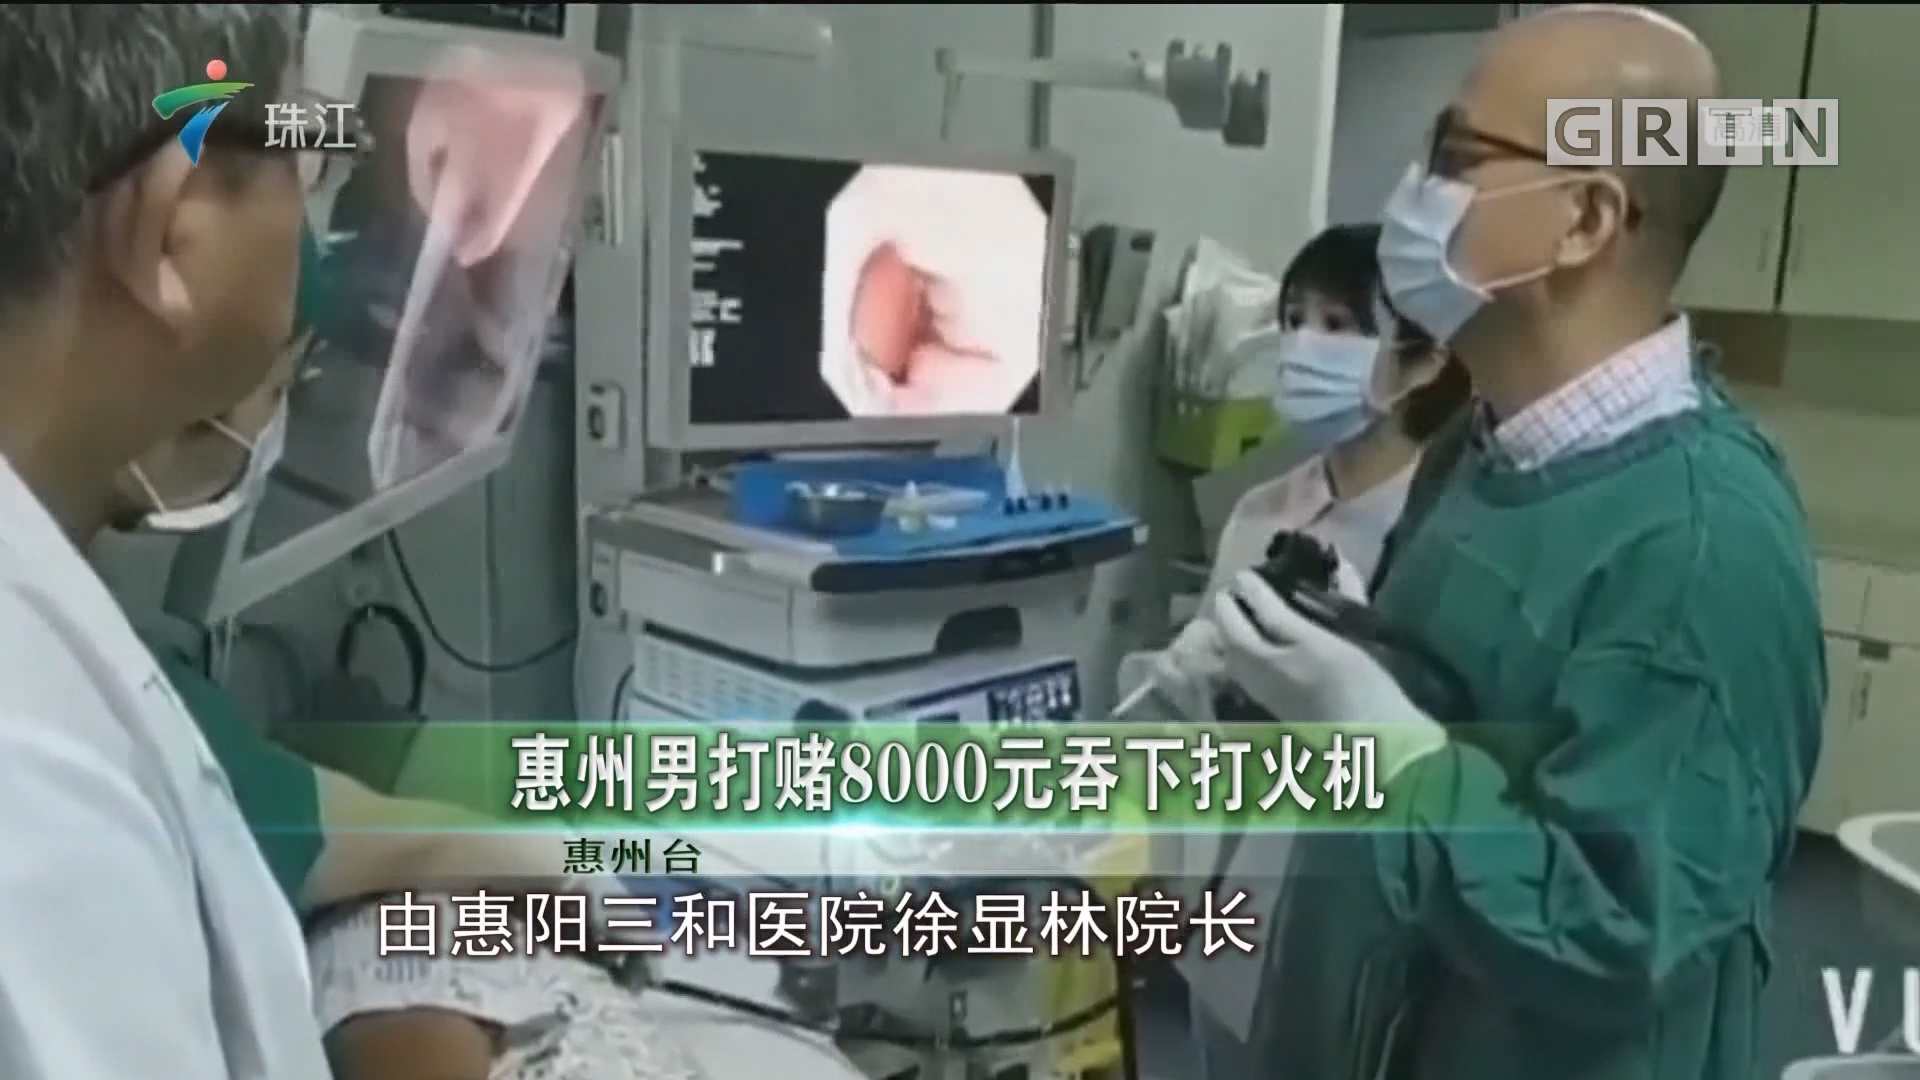 惠州男打赌8000元吞下打火机